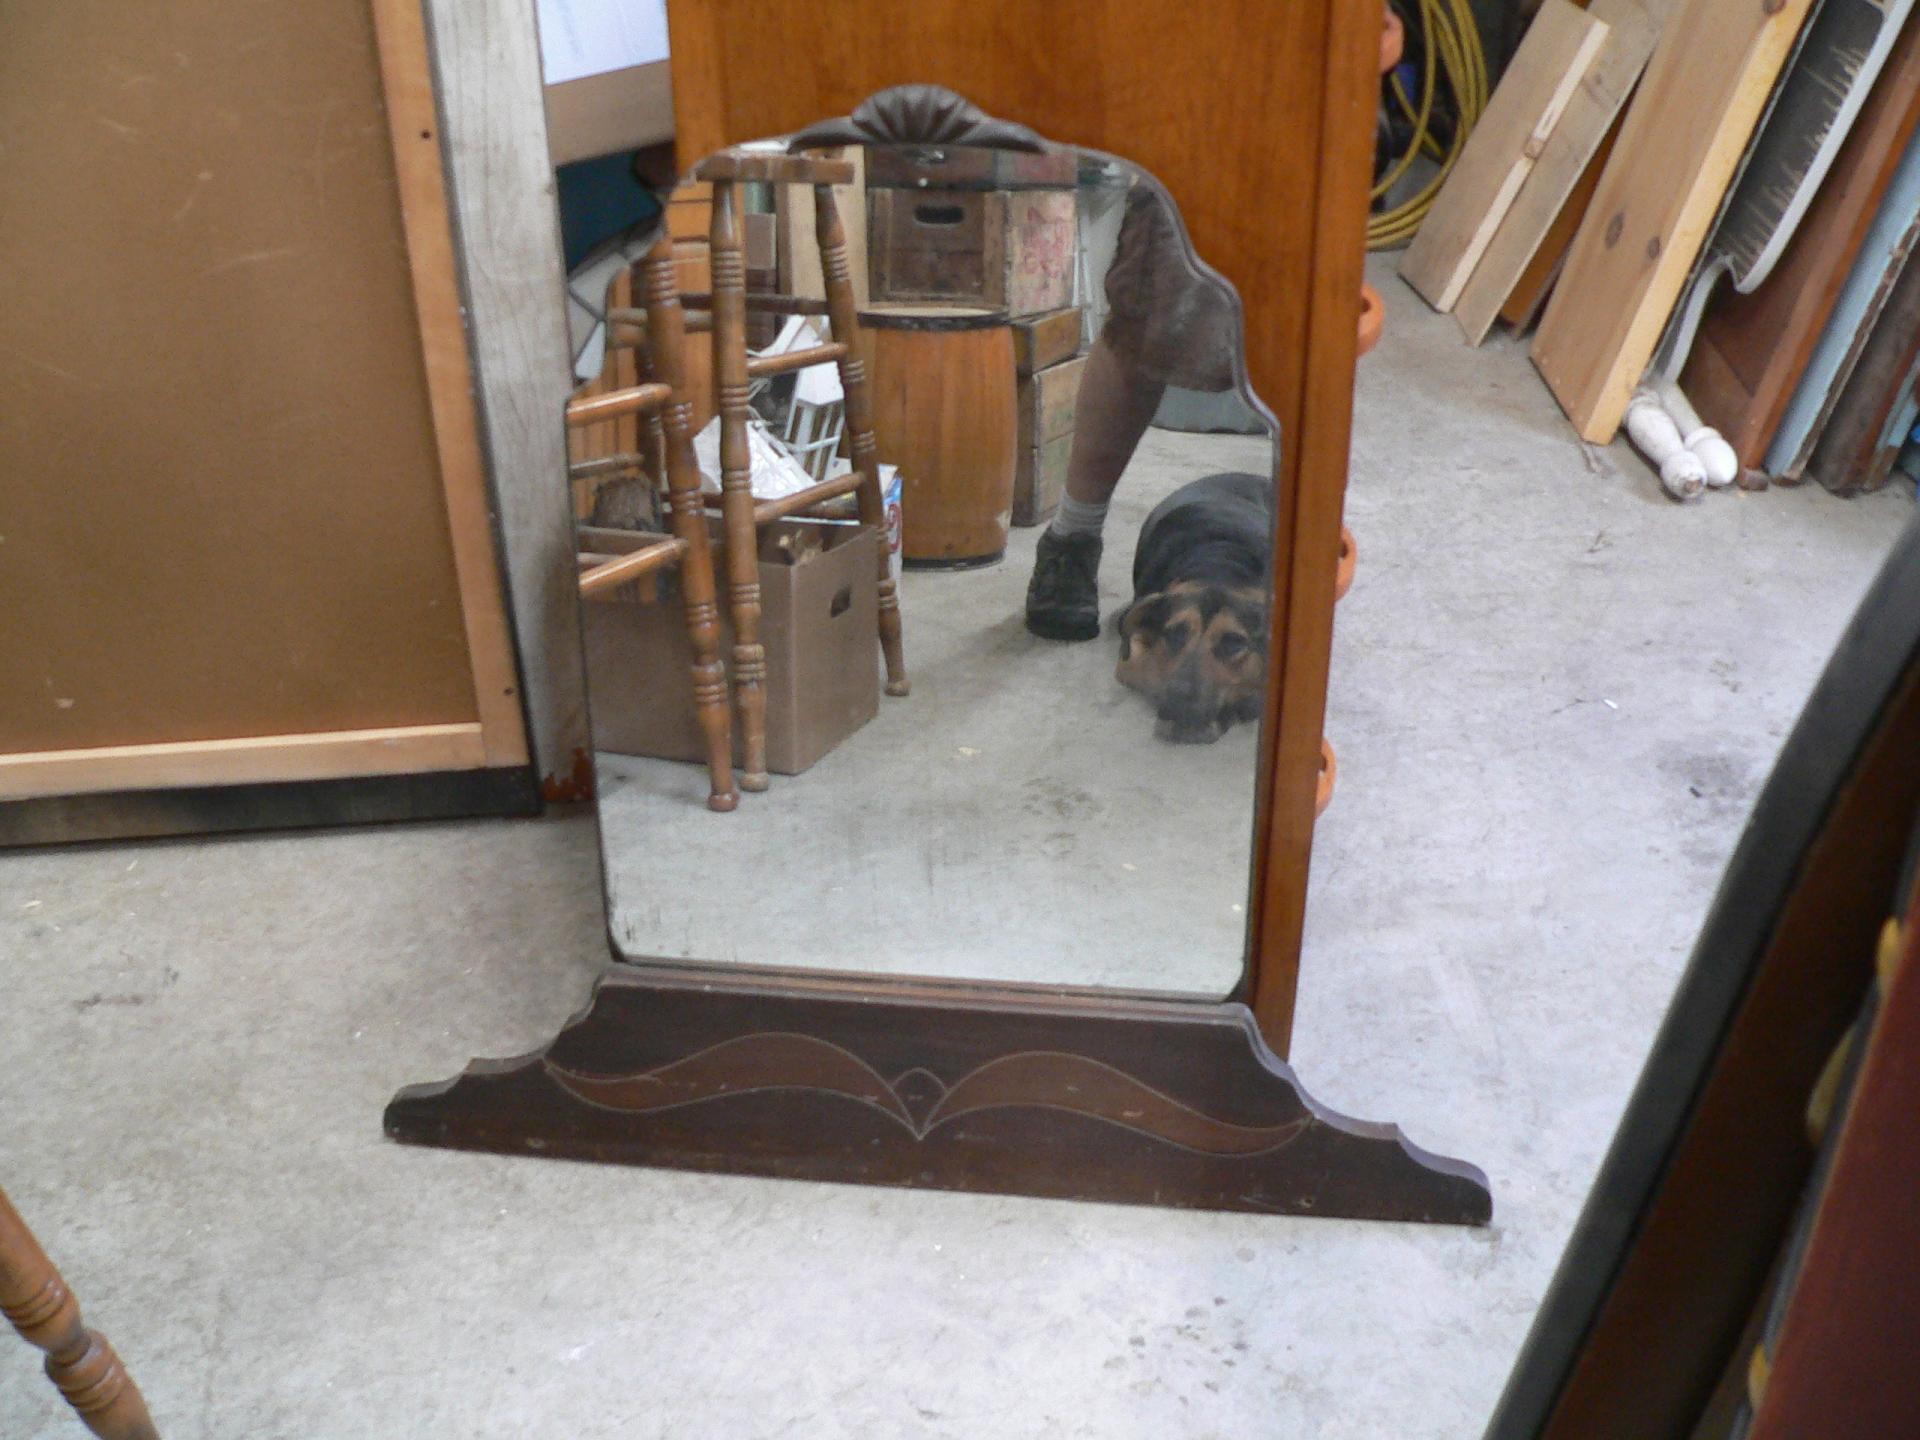 Miroir antique de meuble # 1702